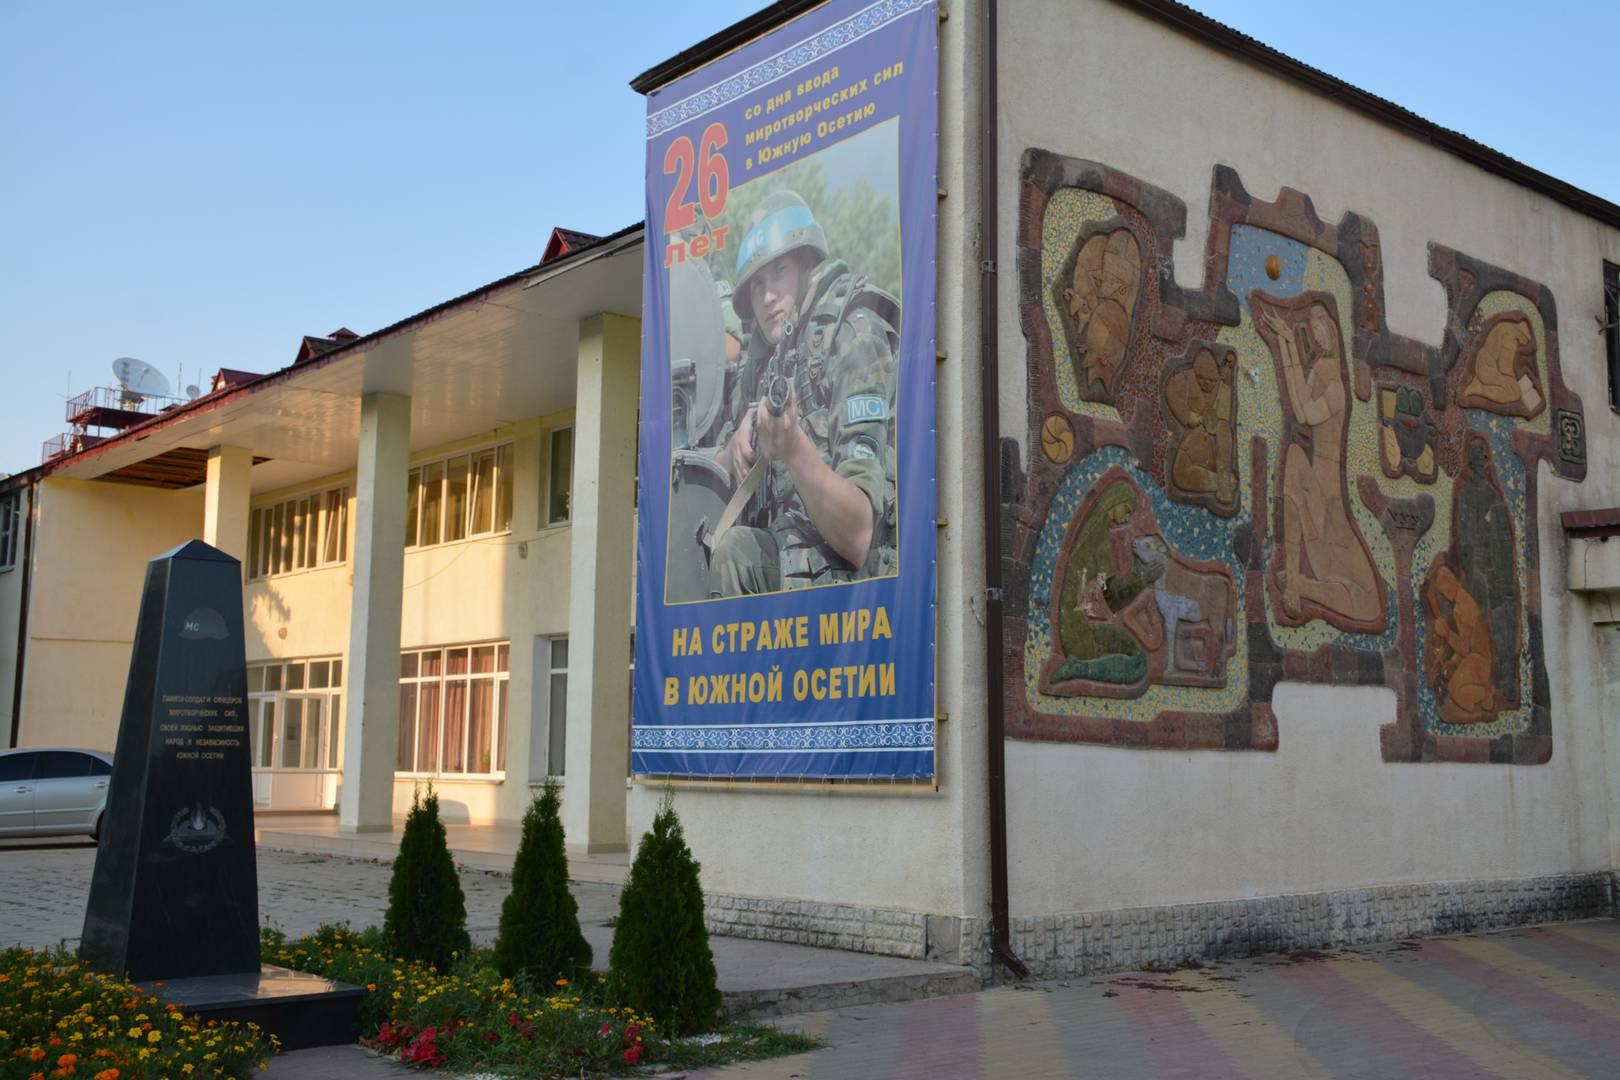 Южной Осетии помнят российских и осетинских миротворцев, защищавших Цхинвал в августе 2008 года. Стелу памяти солдат миротворческих сил открыли в 2015 году.